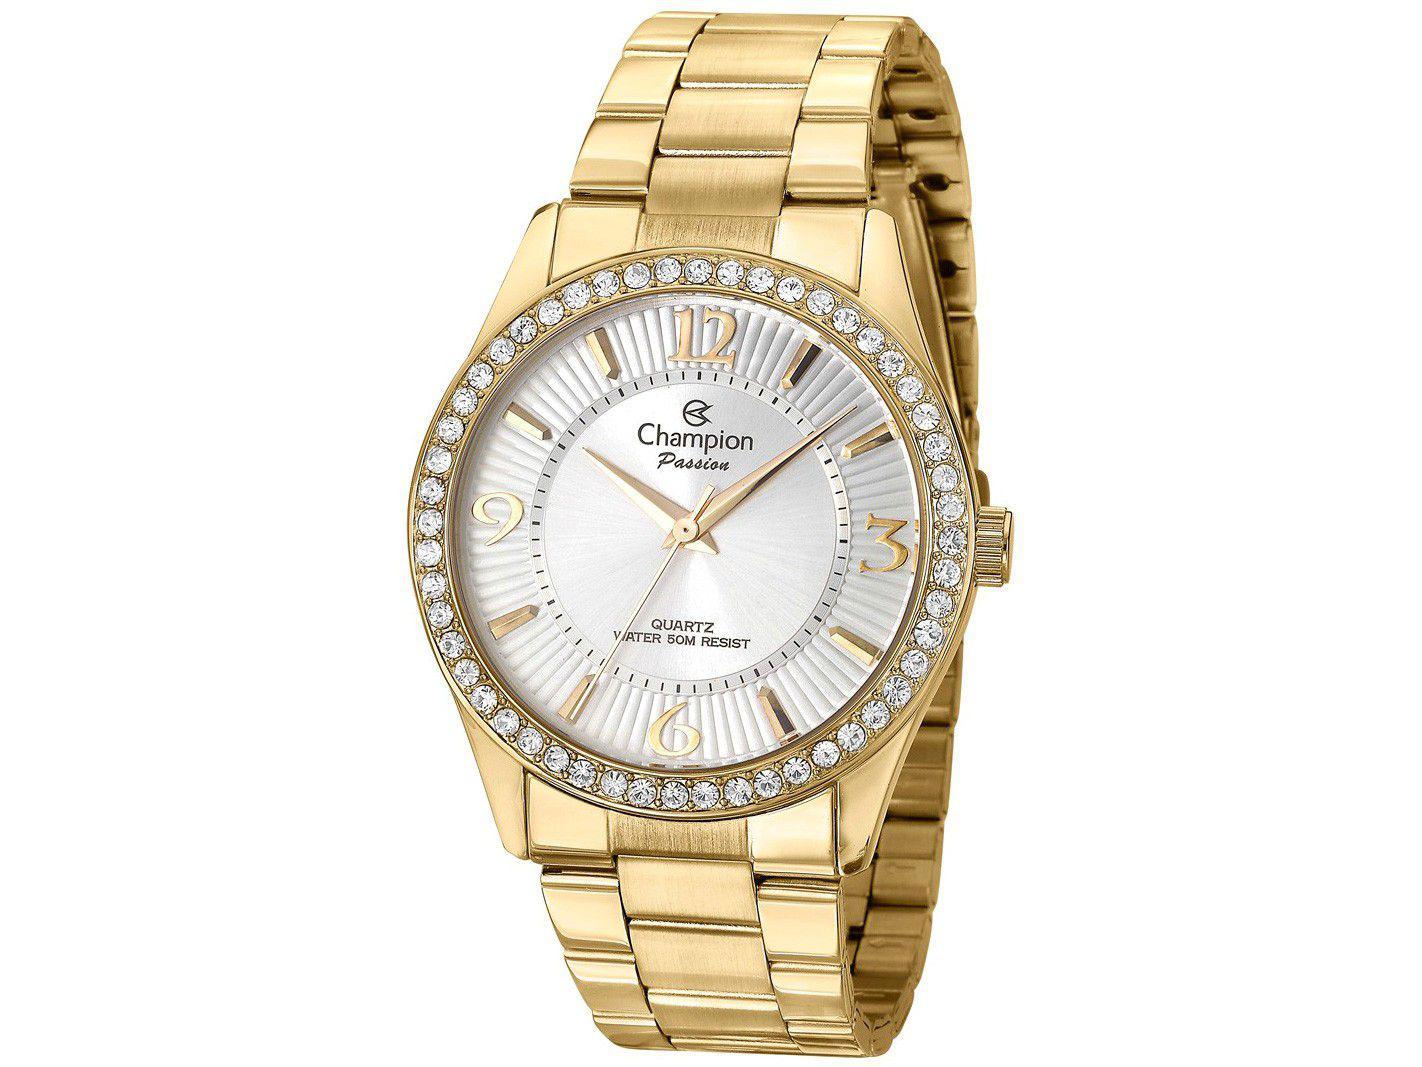 Relógio Feminino Champion Analógico CN29365B - Dourado com Acessório